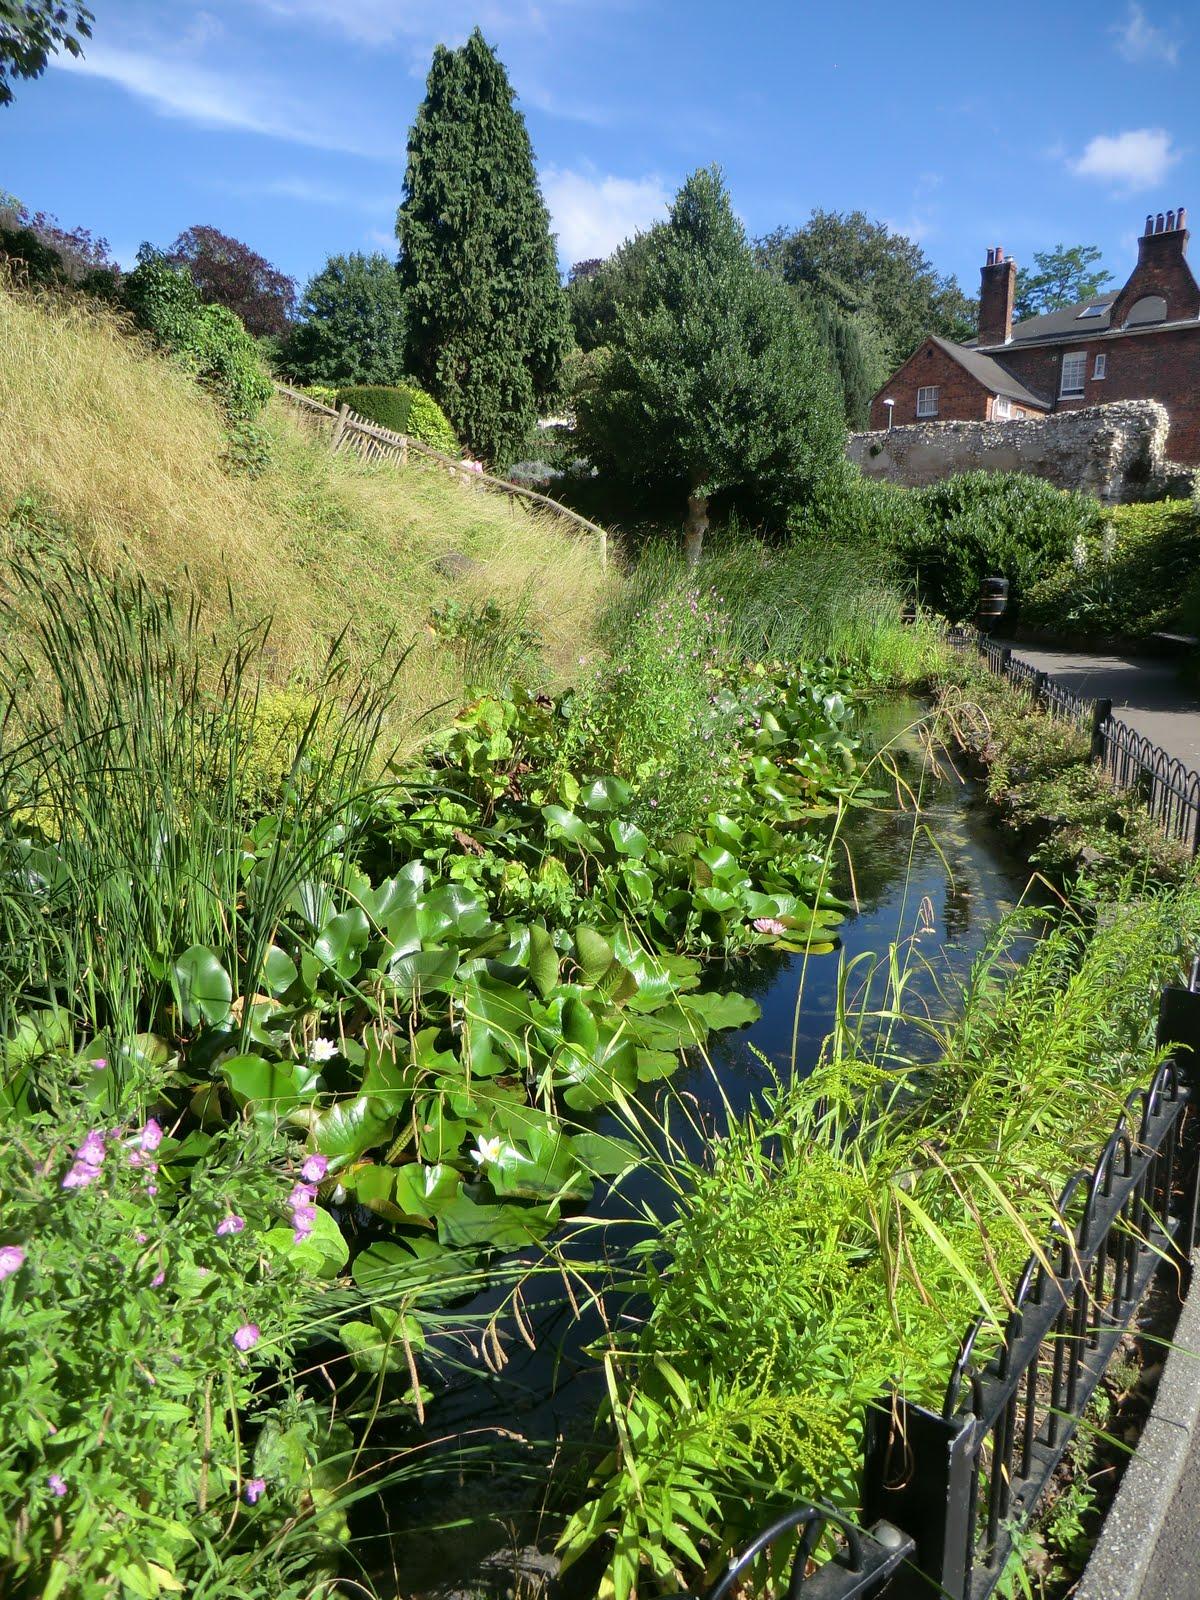 CIMG8311 Peak's Pond, Guildford Castle grounds